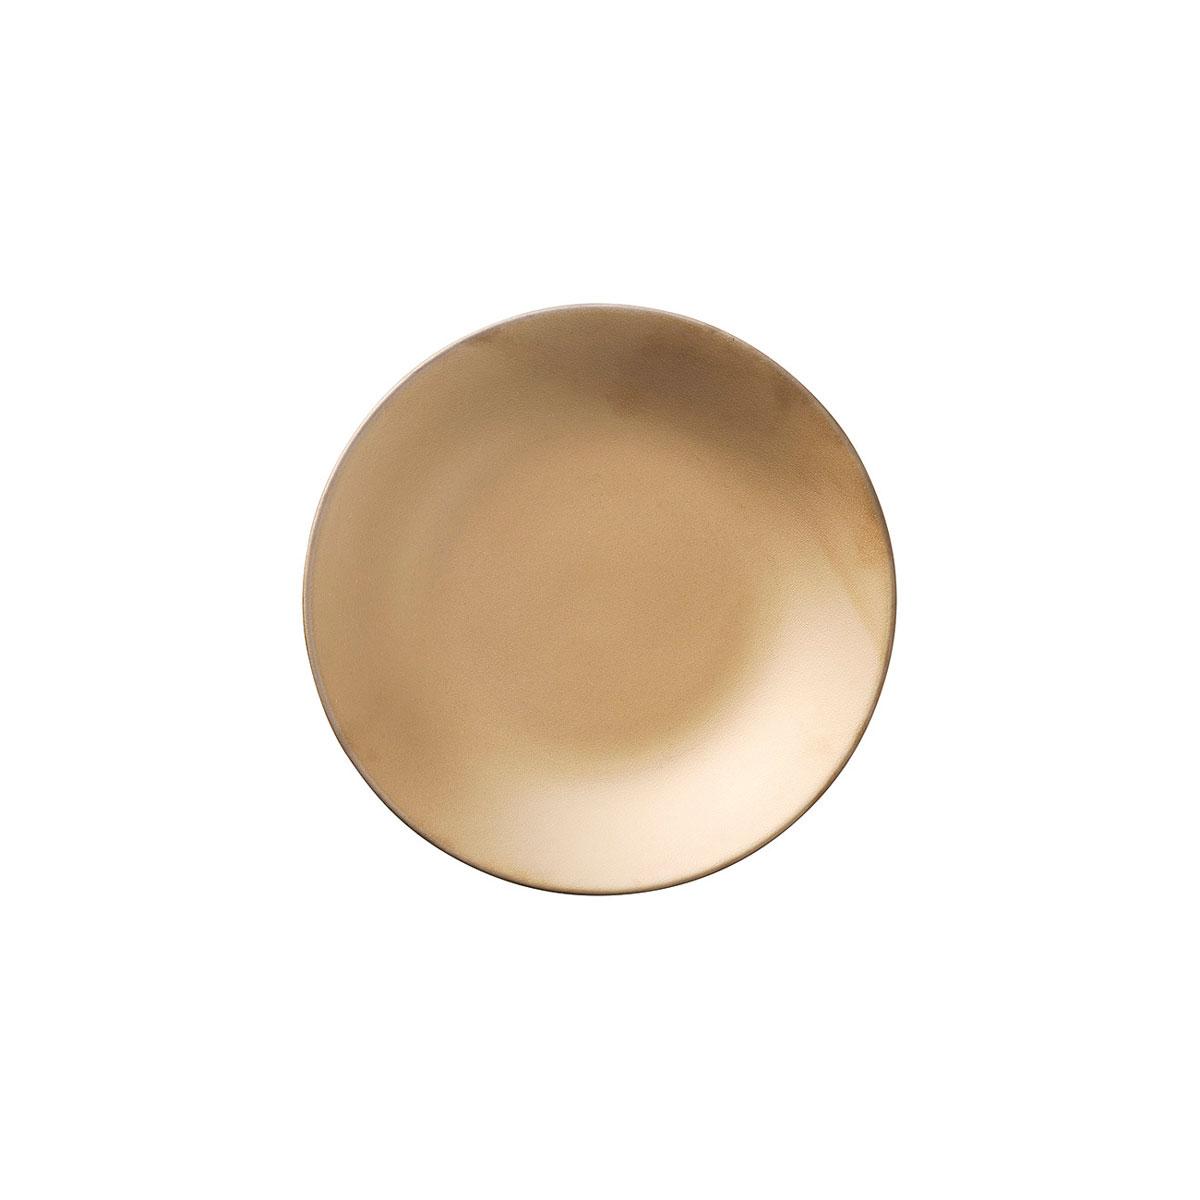 美濃焼 日本製 おしゃれ 食器 ワンプレート 大皿 盛り付け ゴールド ほうしょう 金 14cmディッシュ 宝生 カリタ 超人気 専門店 取り寄せ商品 休み CARITA 17369352